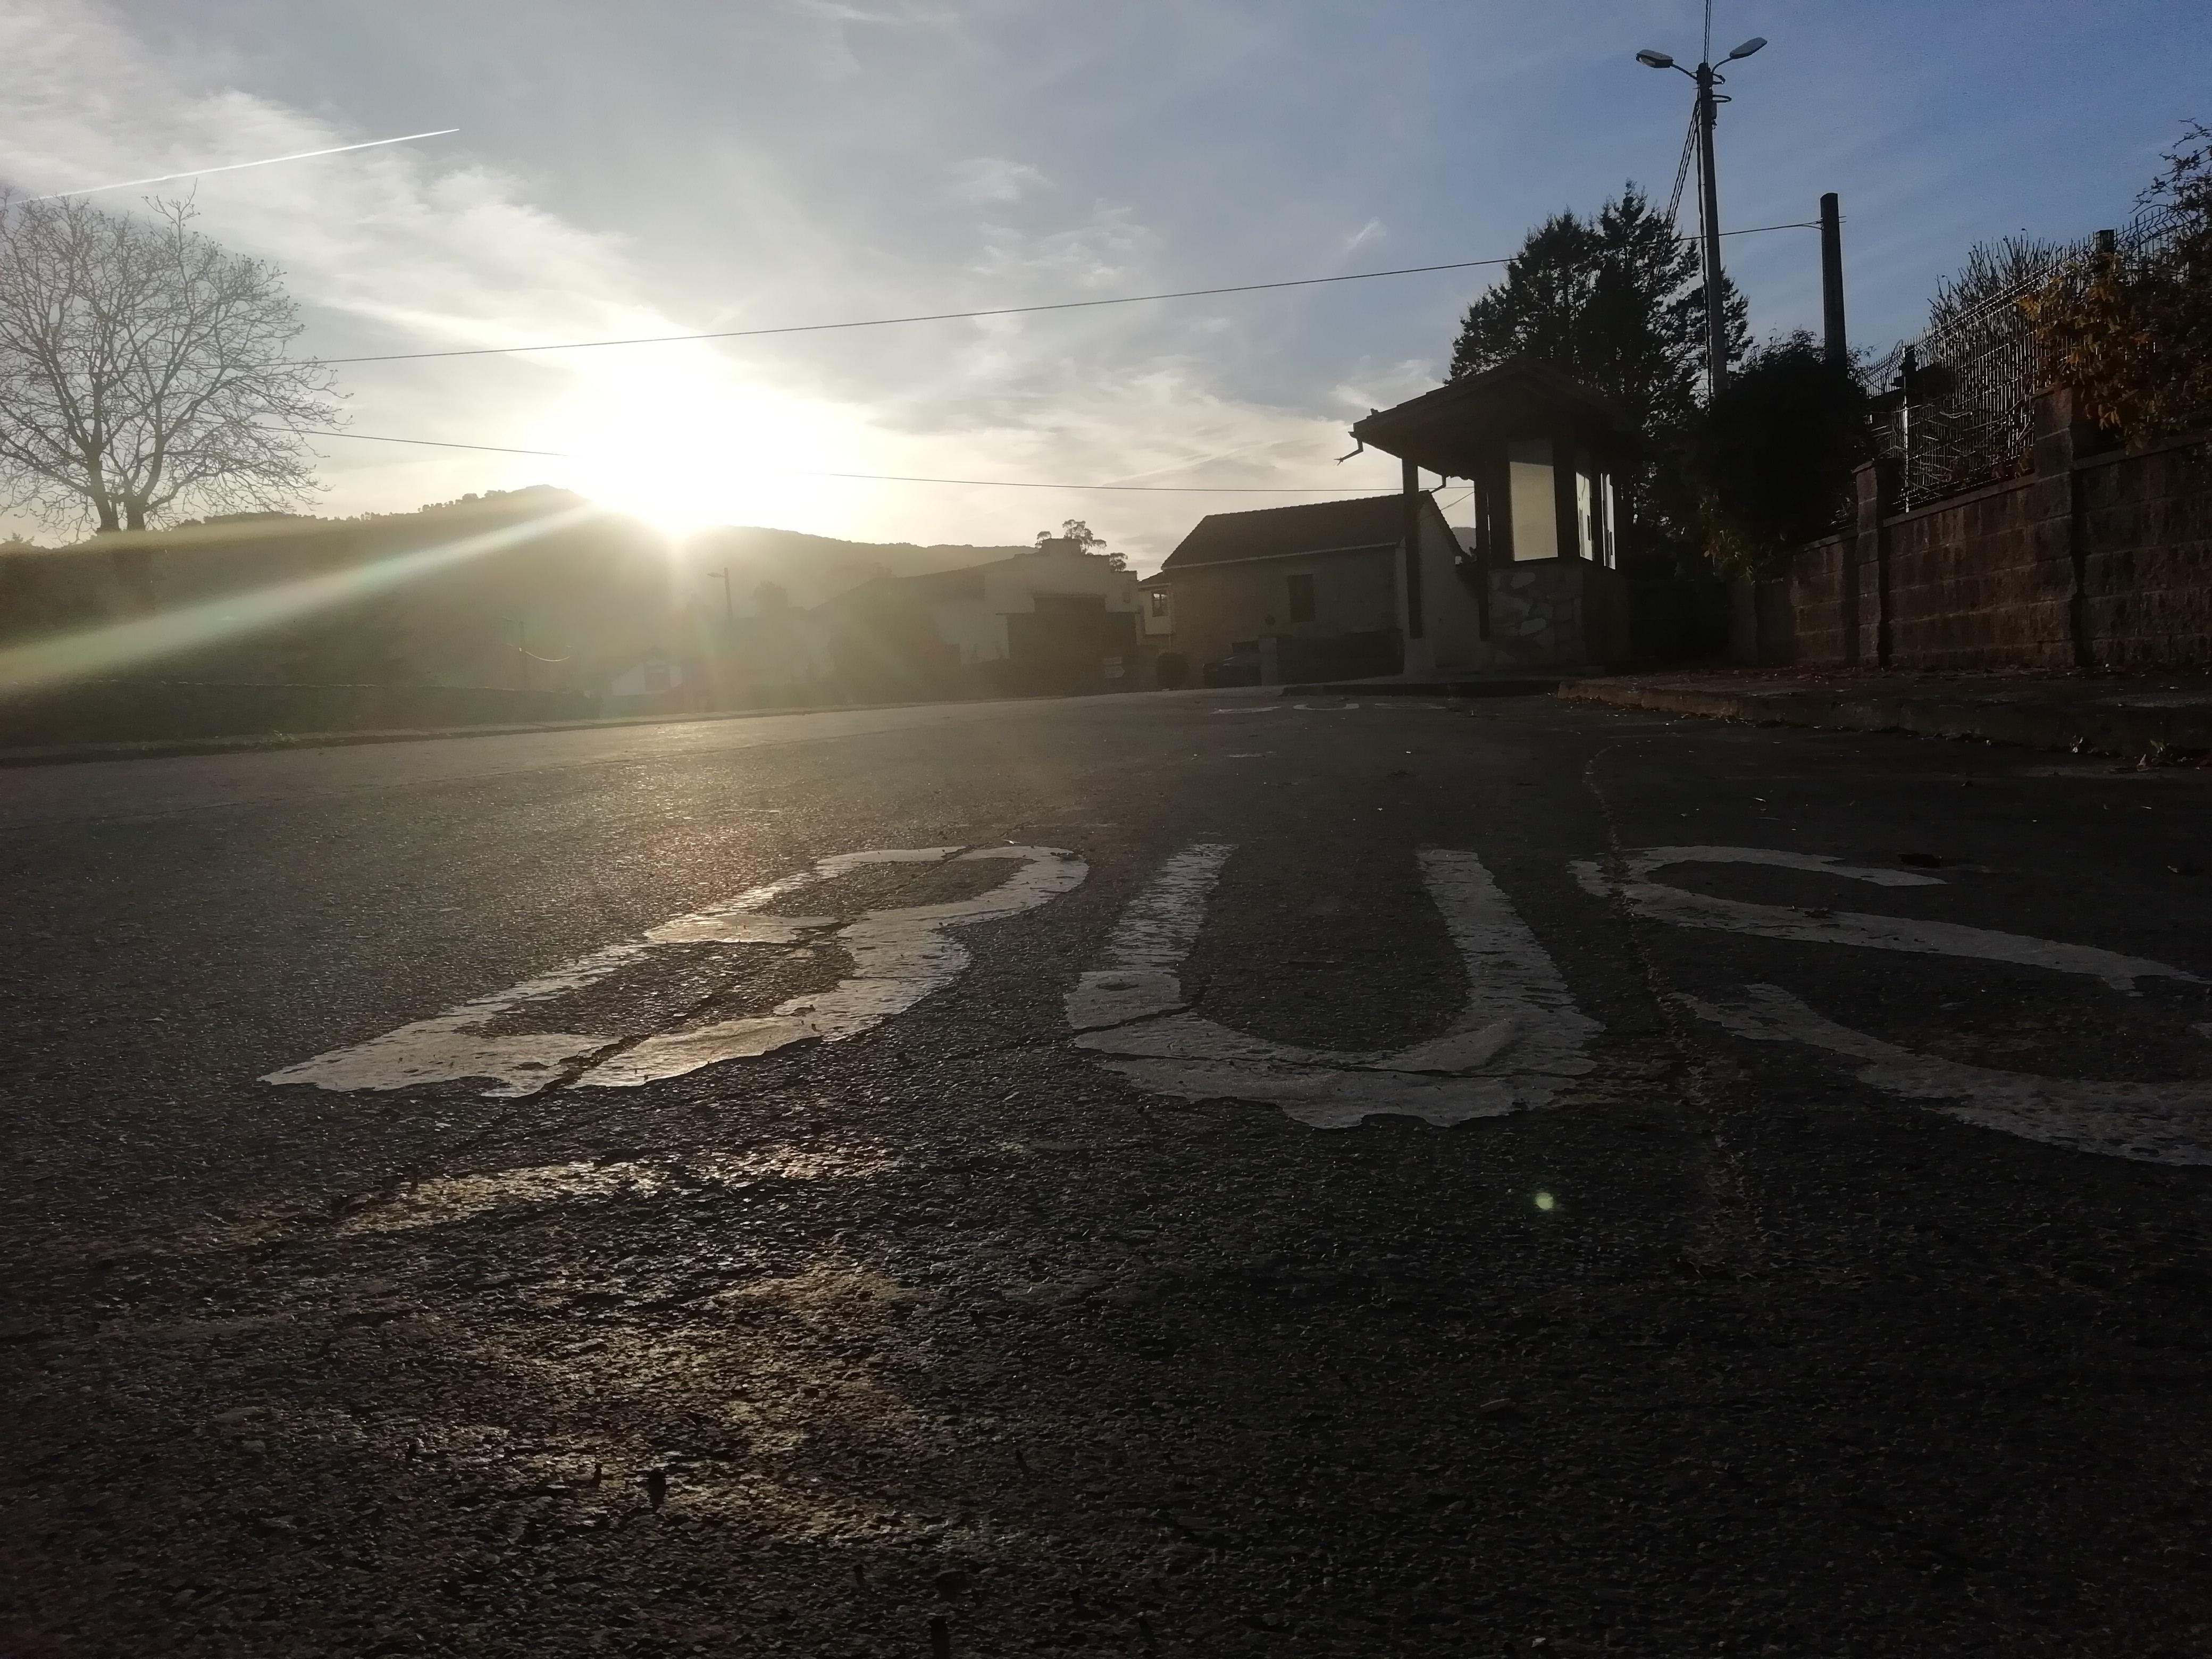 A contraluz, el asfalto de la calzada con las letras BUS